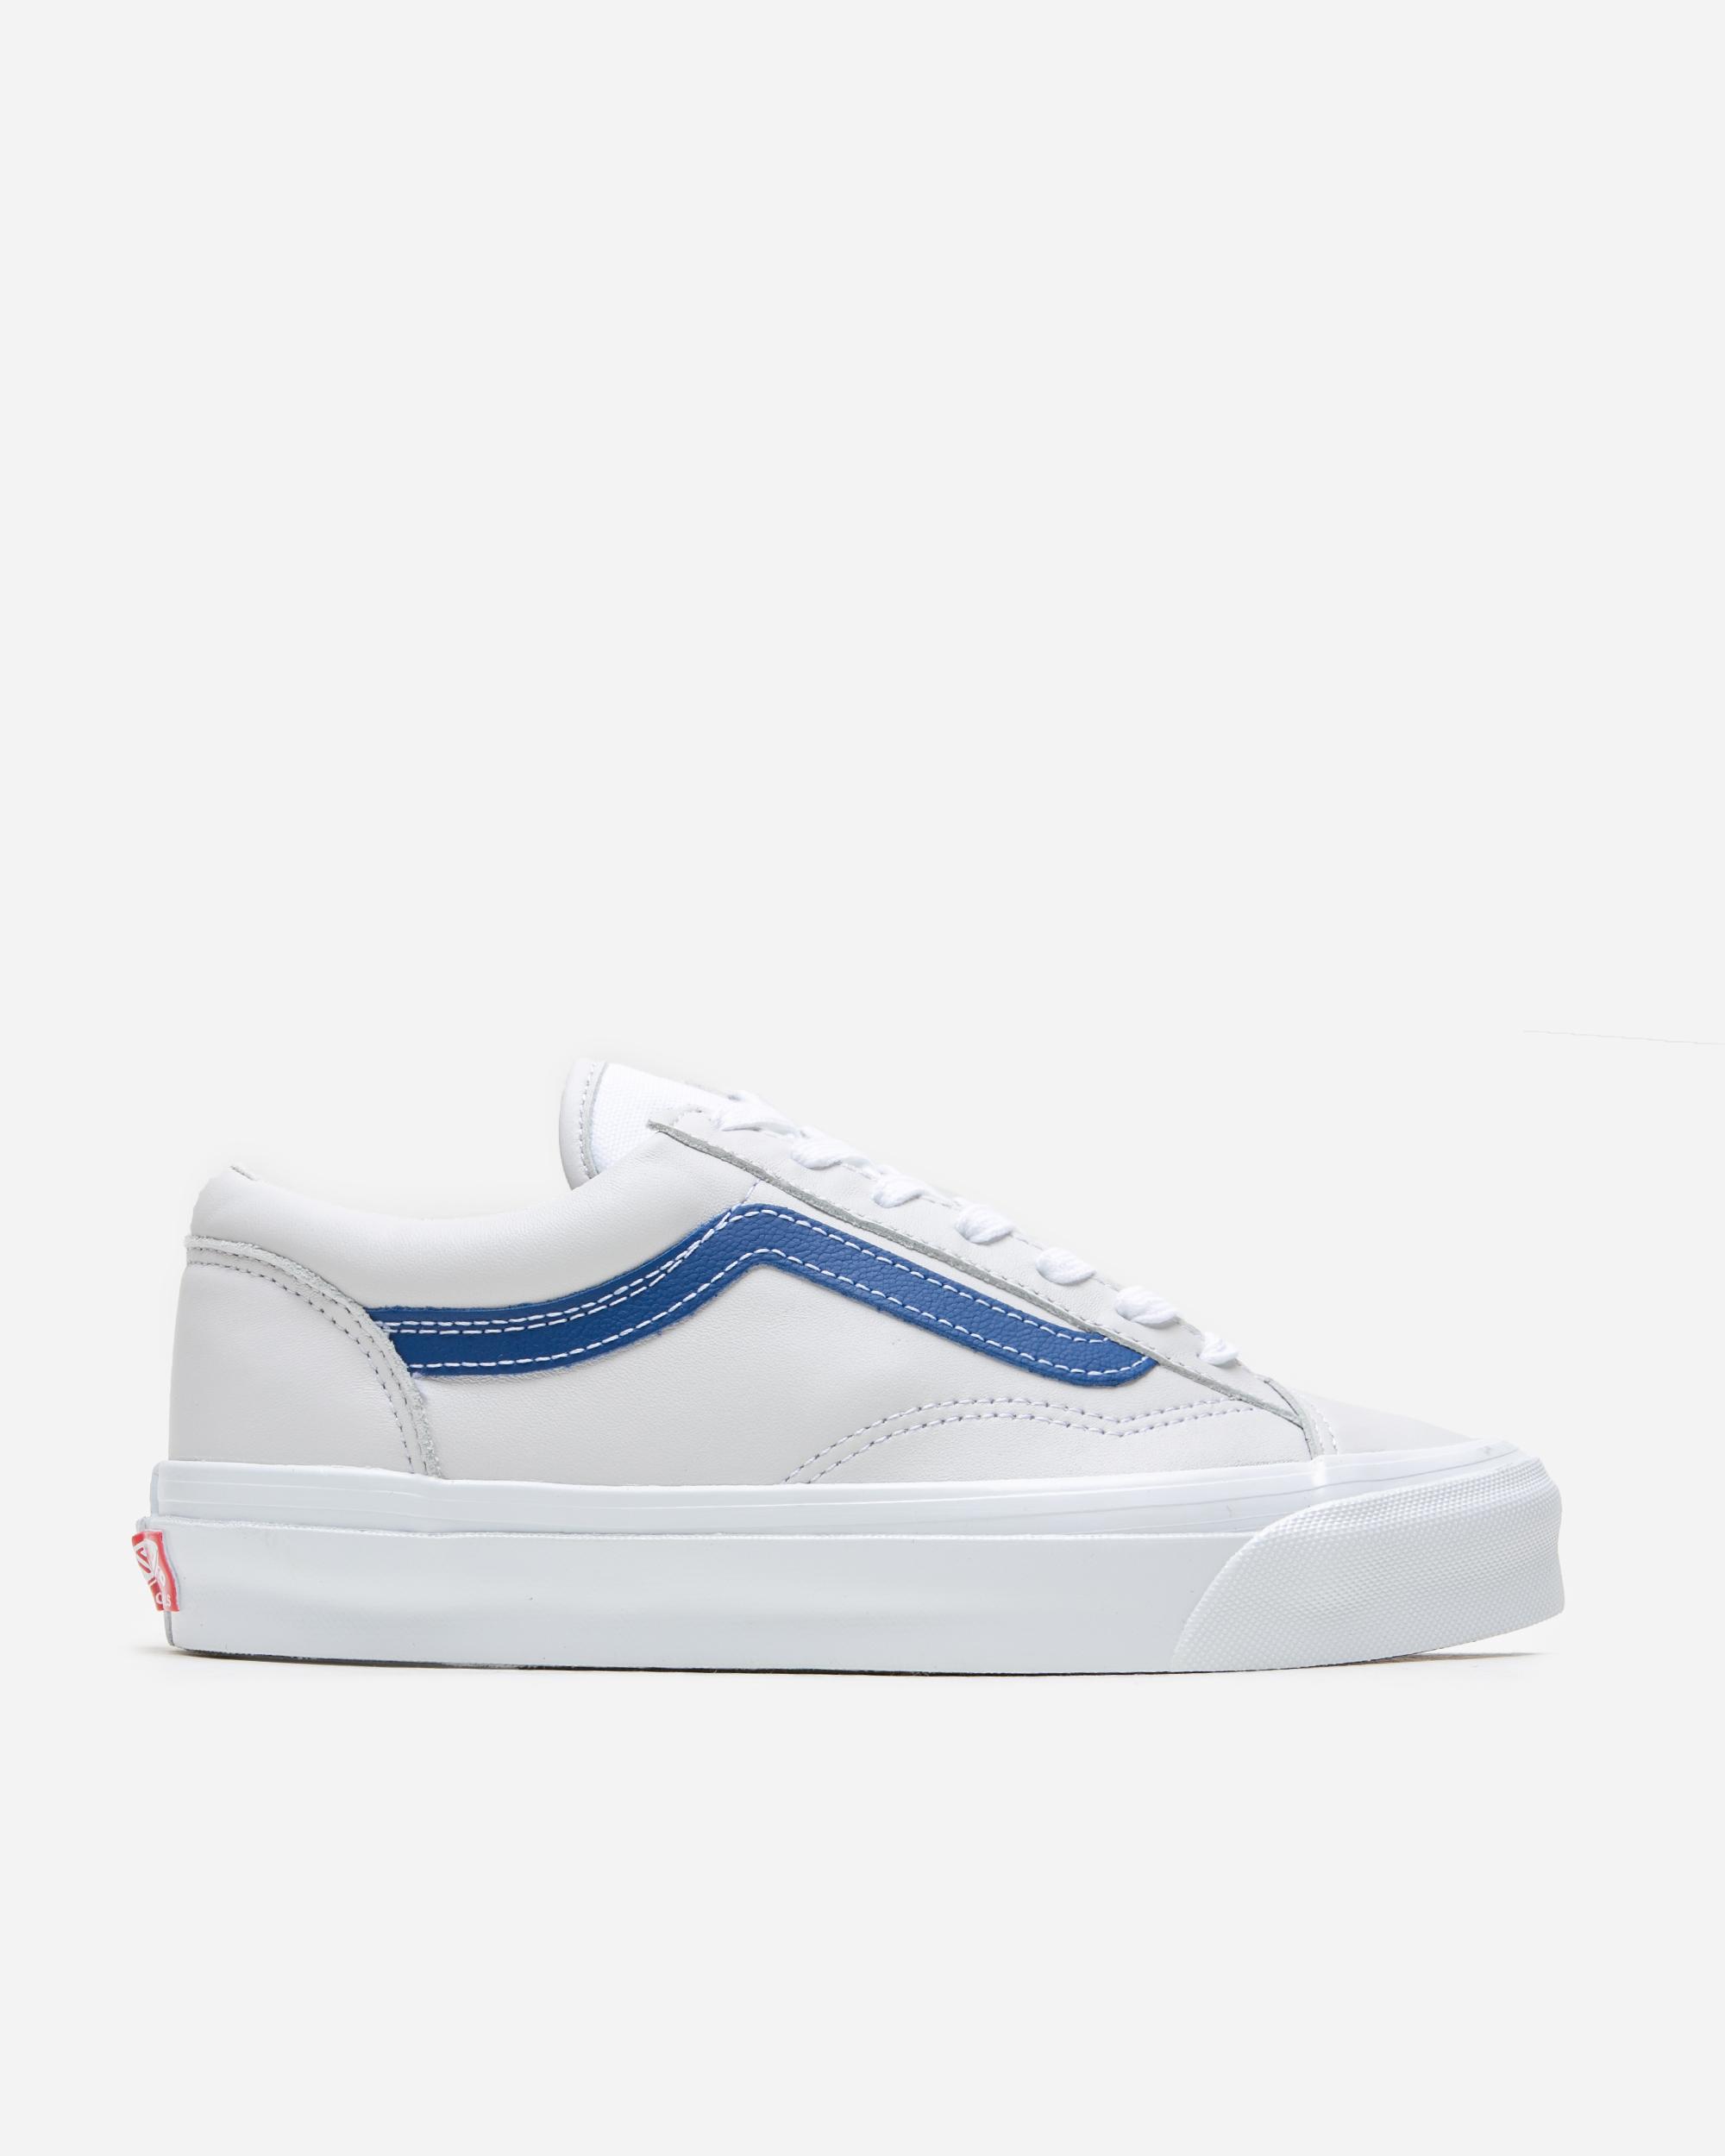 Vans OG Style 36 LX Blue/White